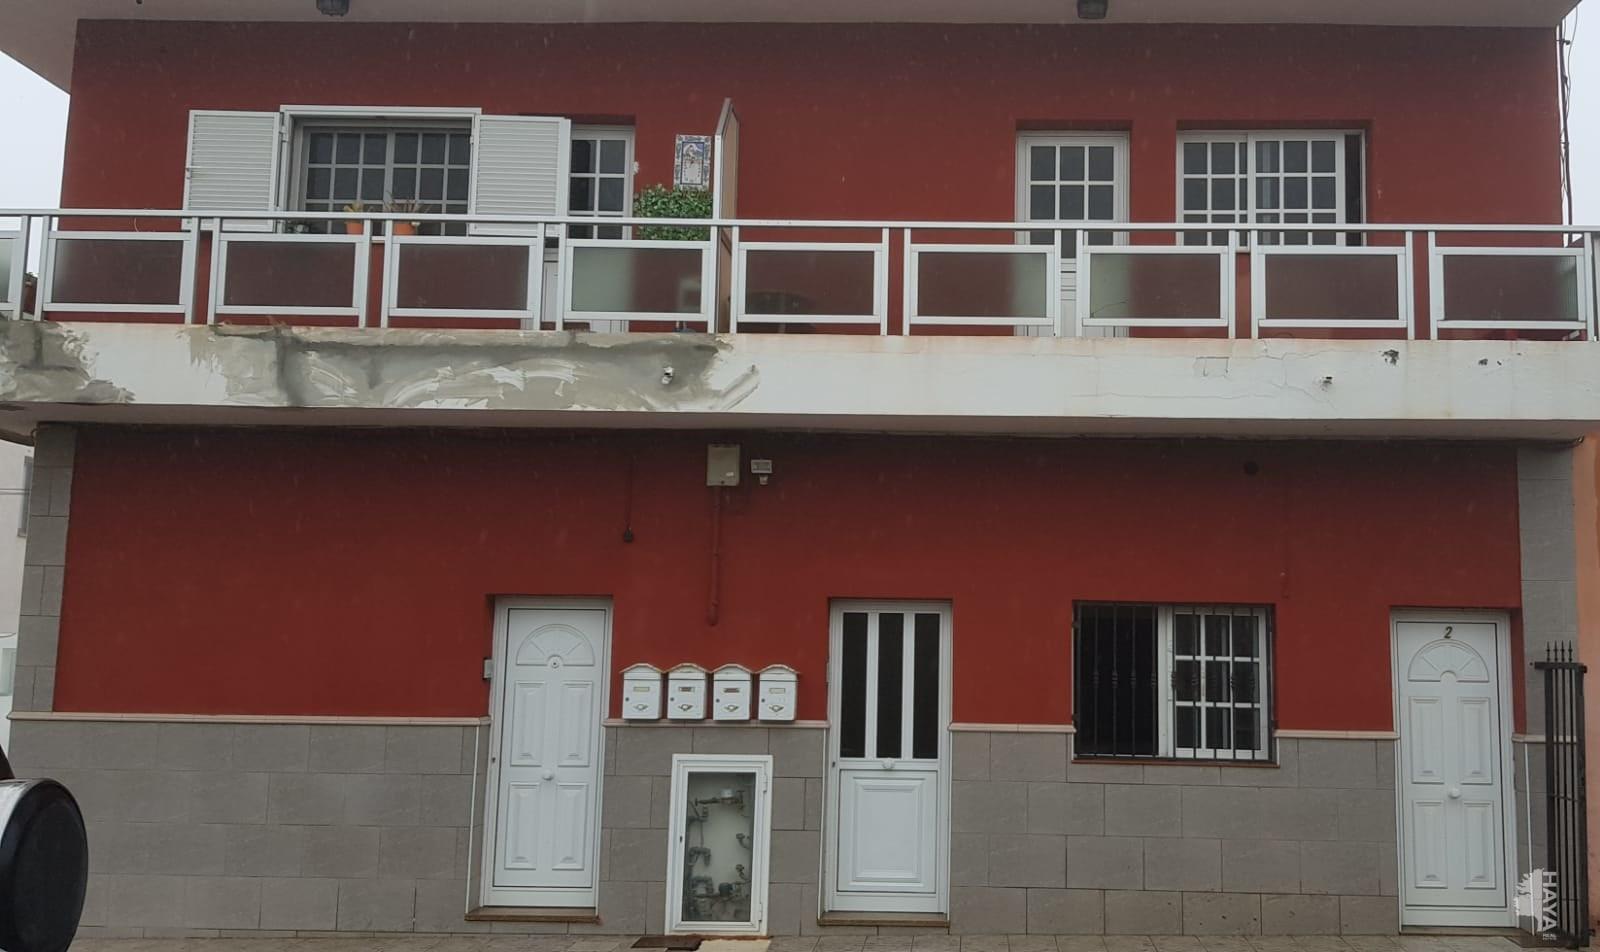 Piso en venta en Guayonje, Tacoronte, Santa Cruz de Tenerife, Calle Lomo de la Vieja, 138.180 €, 2 habitaciones, 1 baño, 85 m2